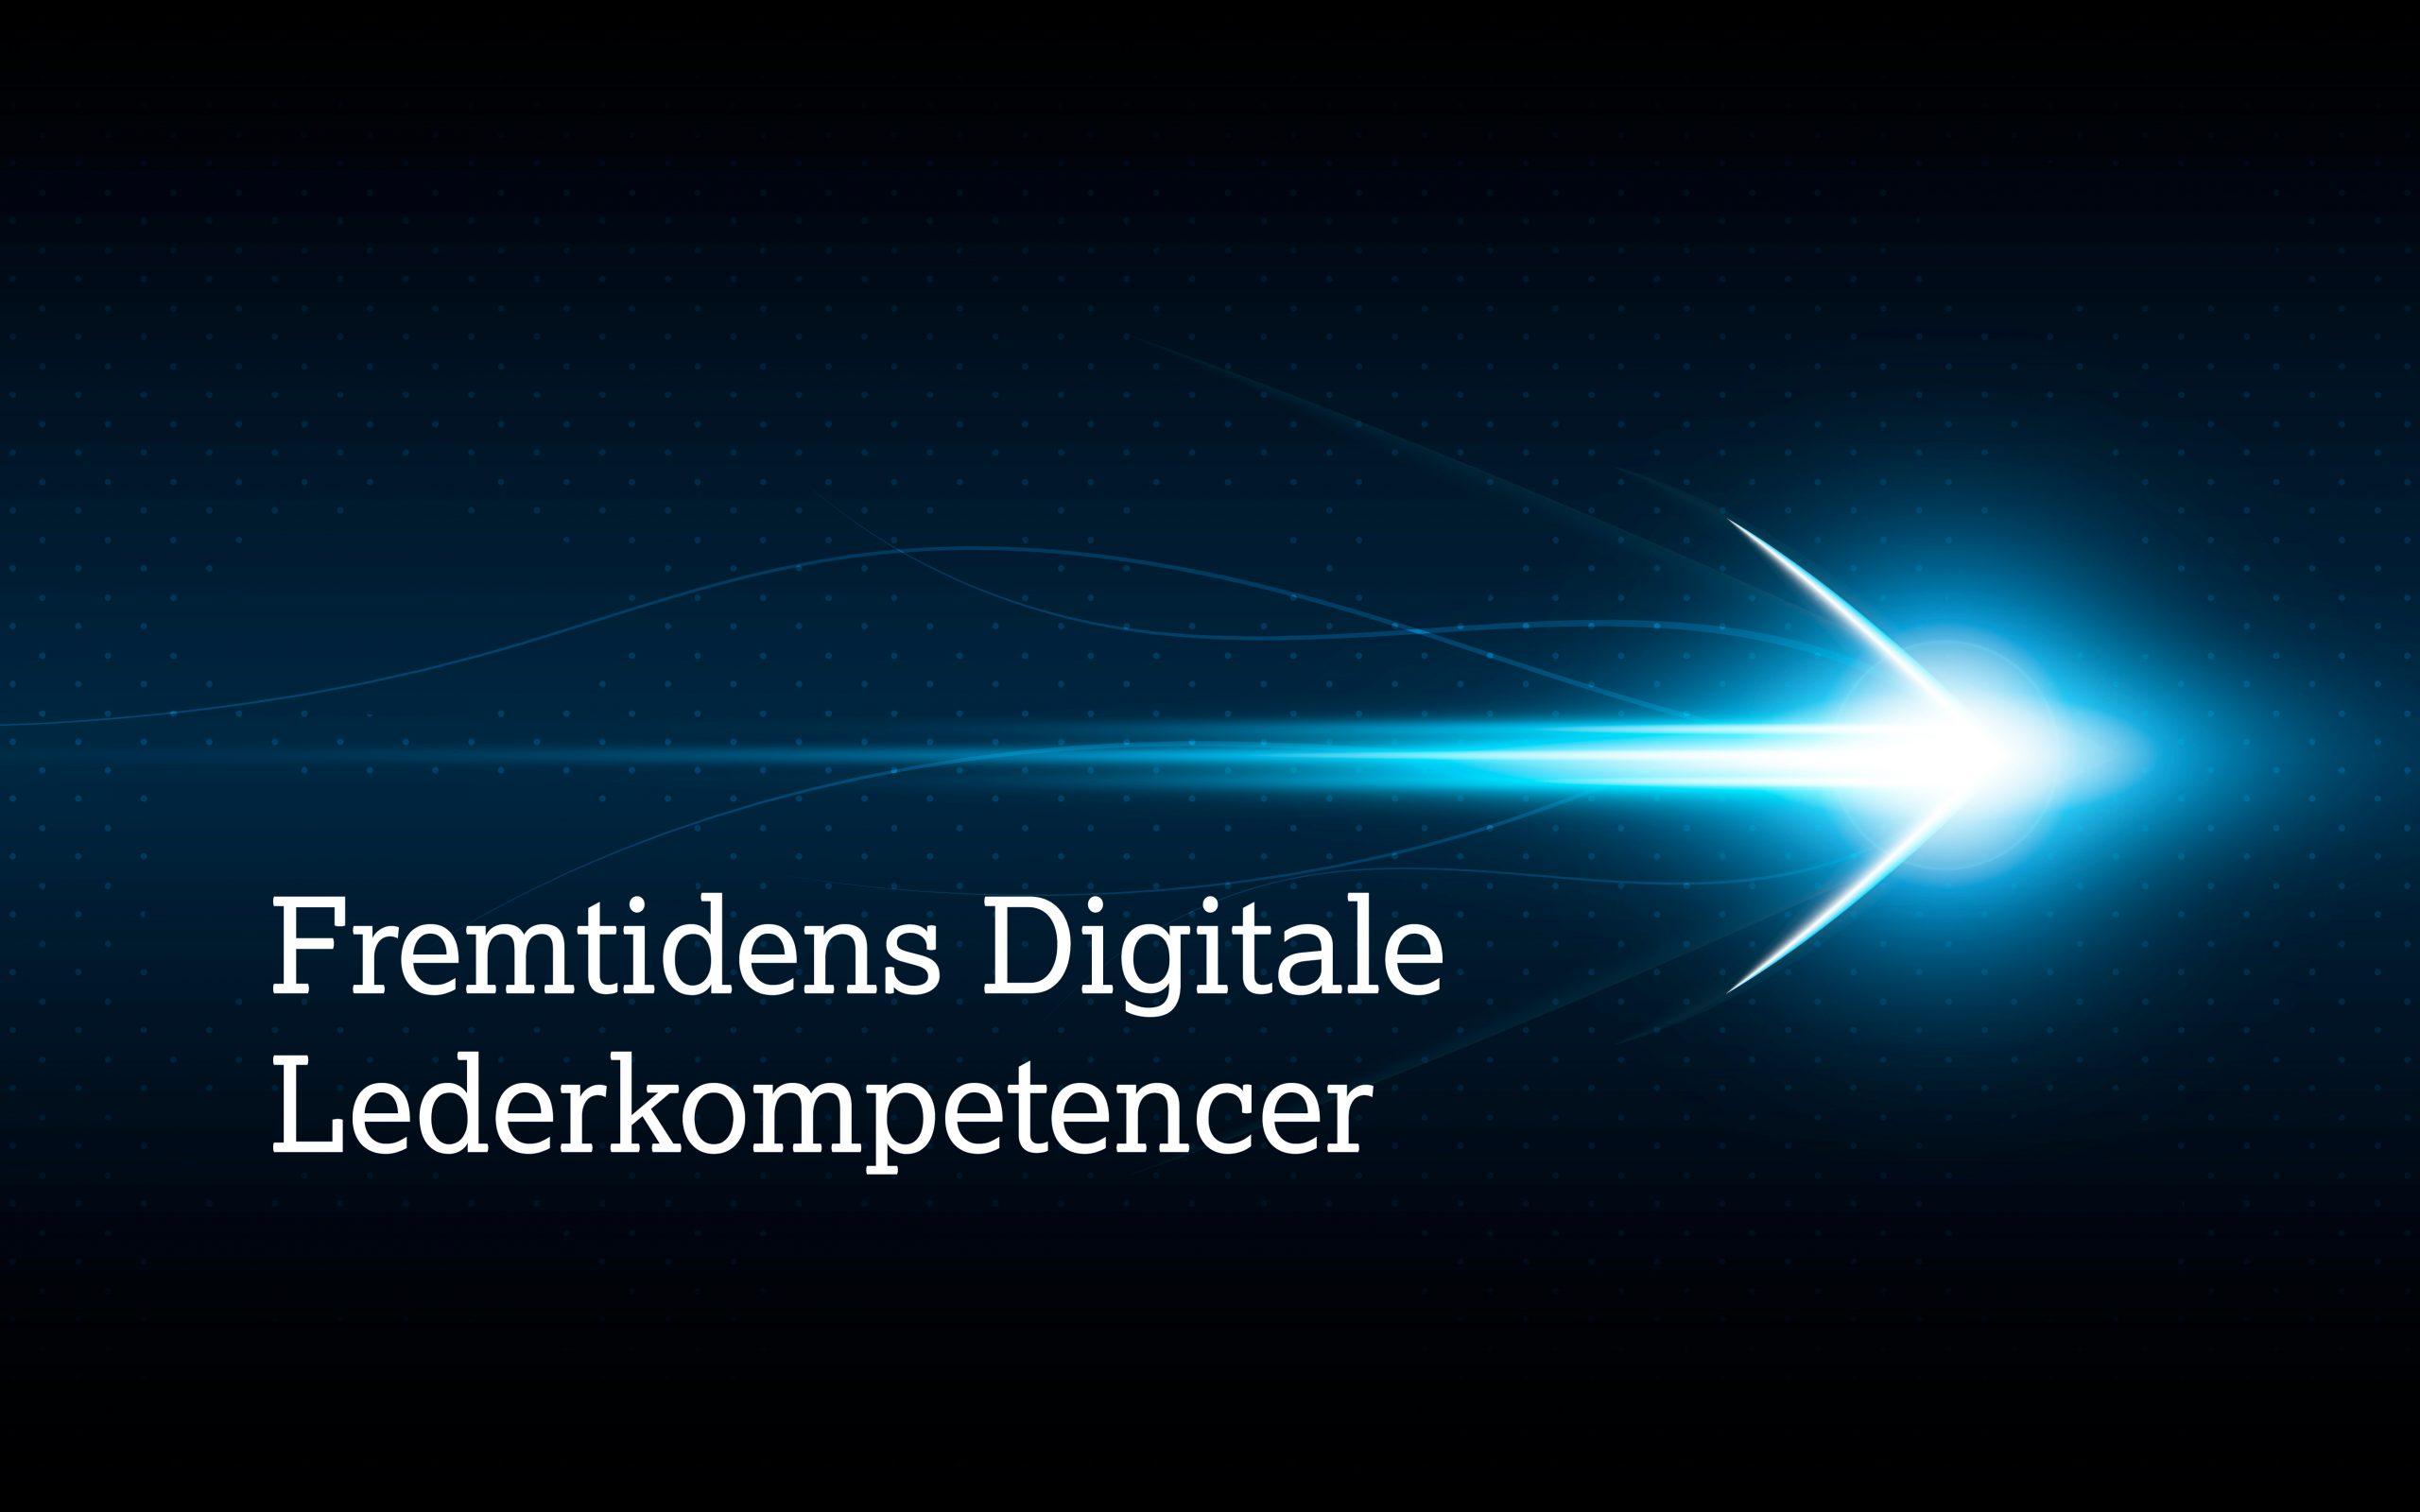 LEDELSE: Hvilke kvalifikationer er afgørende i fremtidens digitale organisationer?